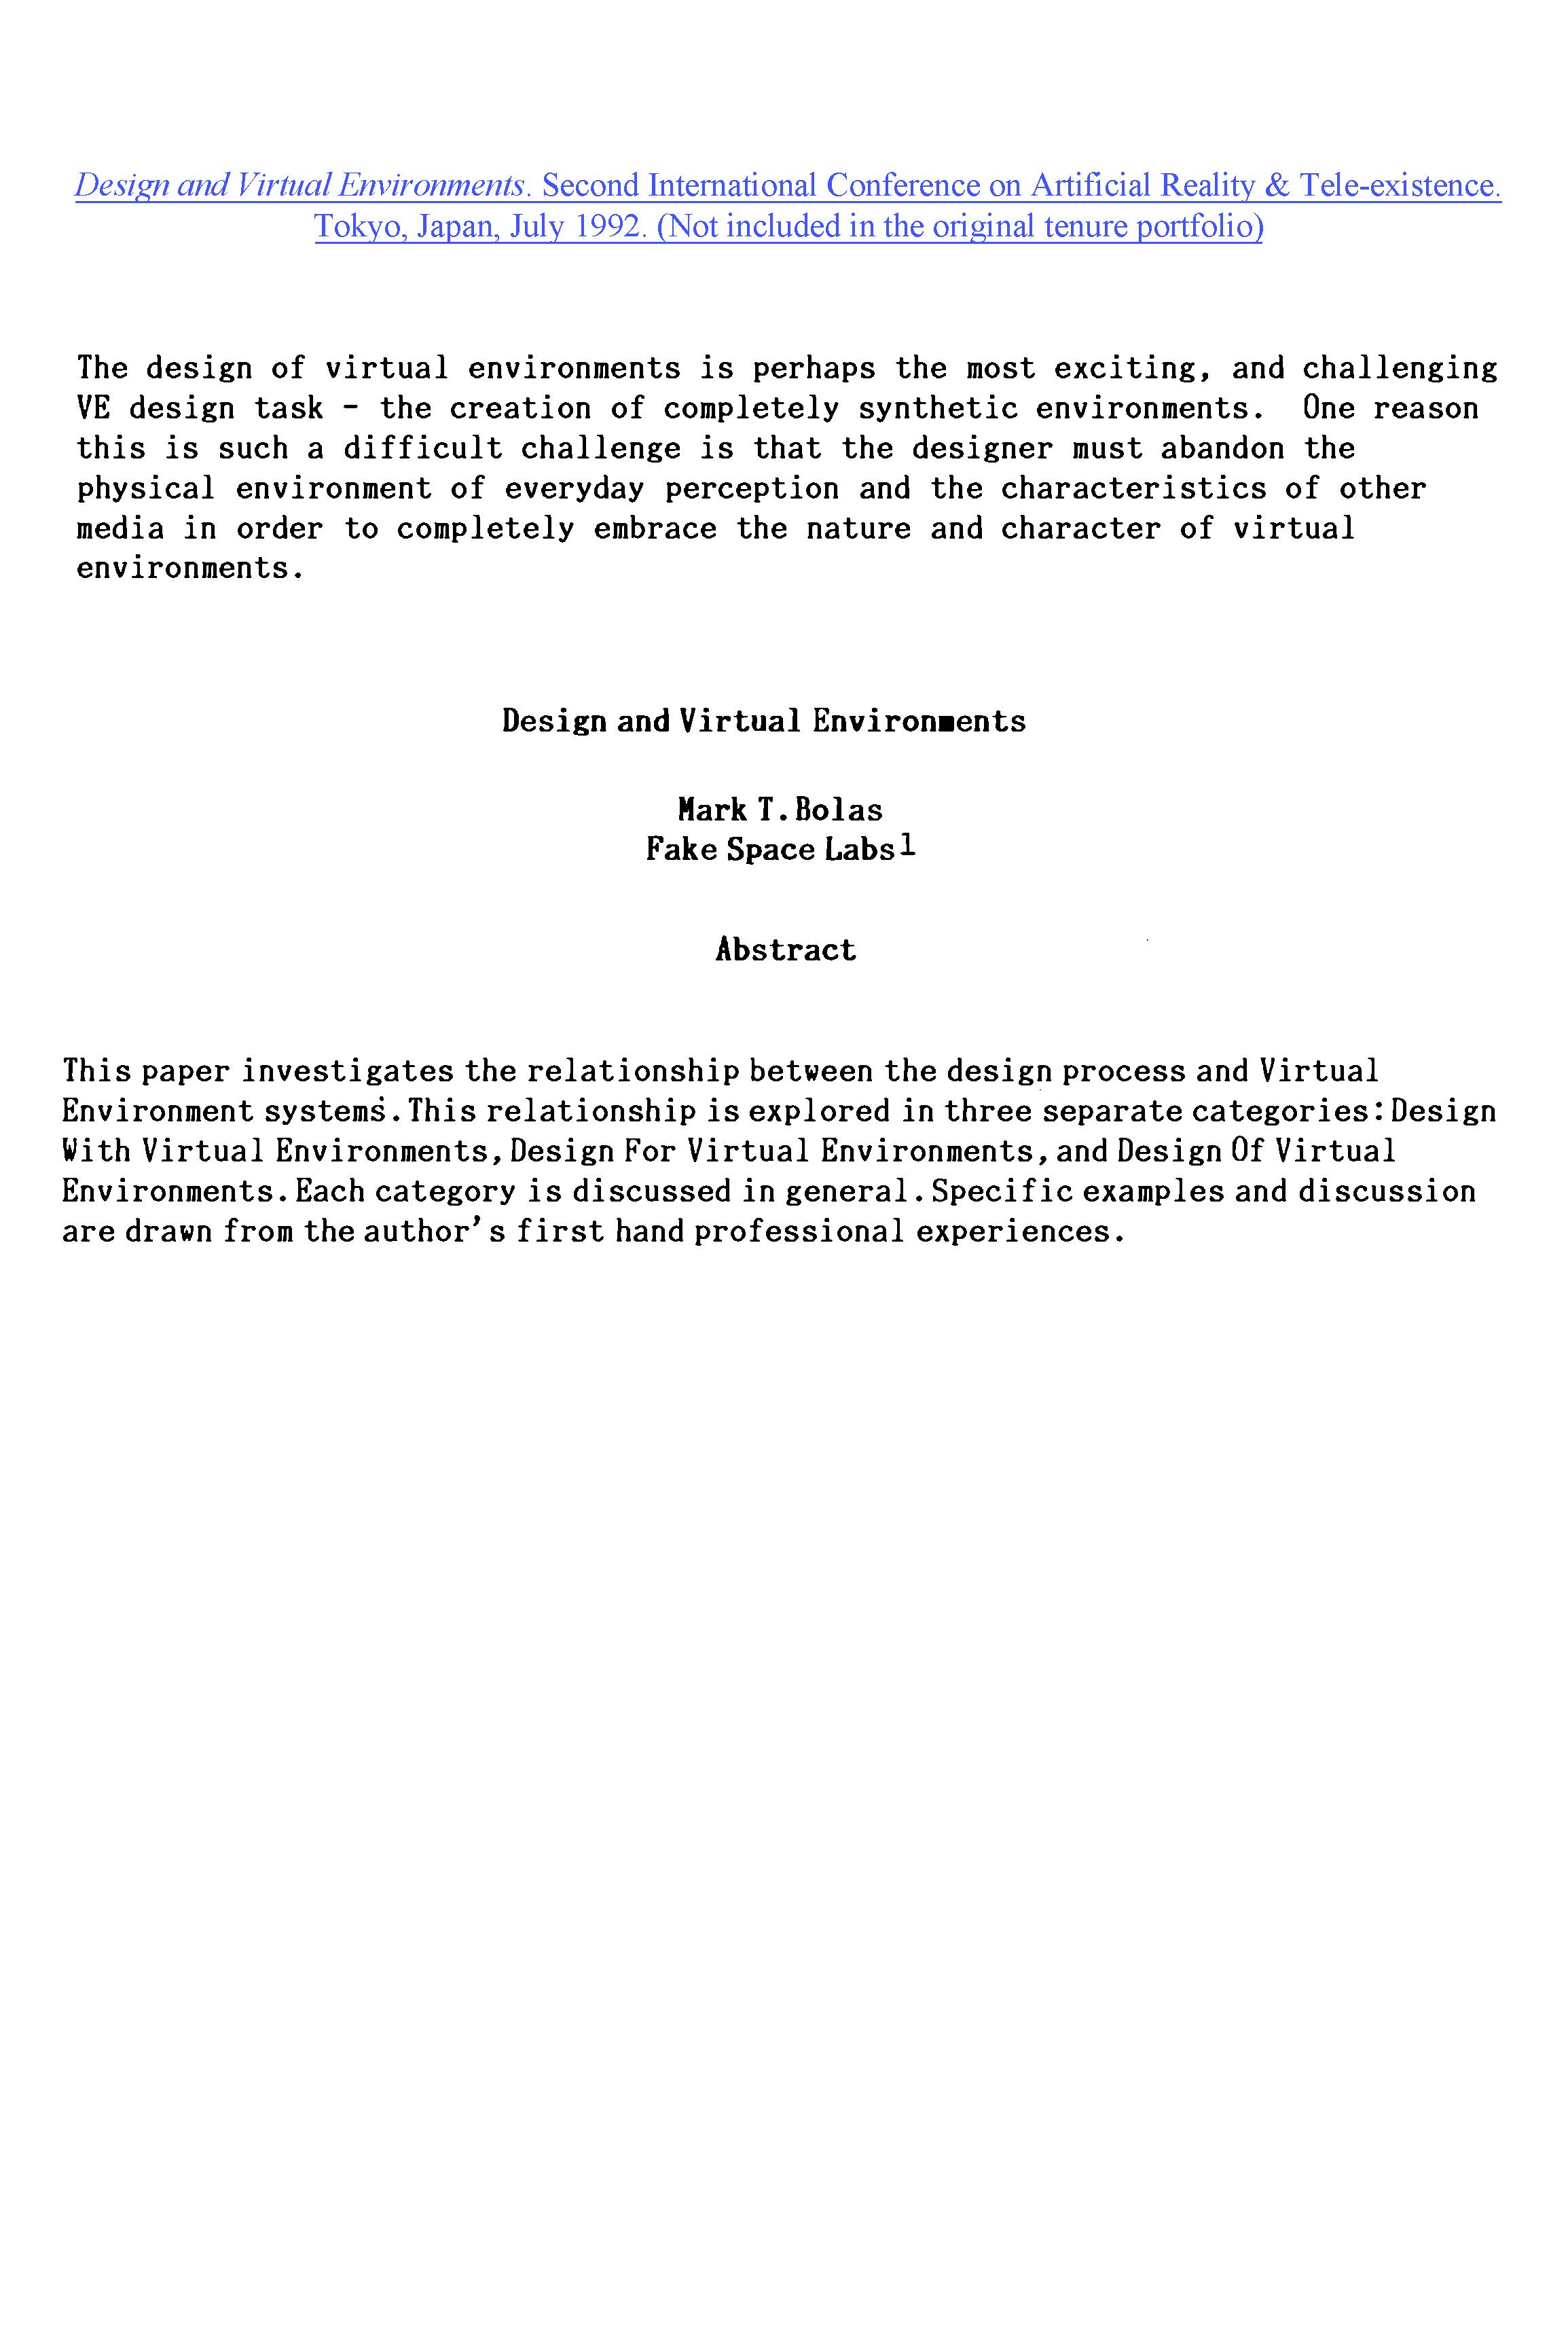 1992.01- Design and Virtual Environments_TOP SHEET.png